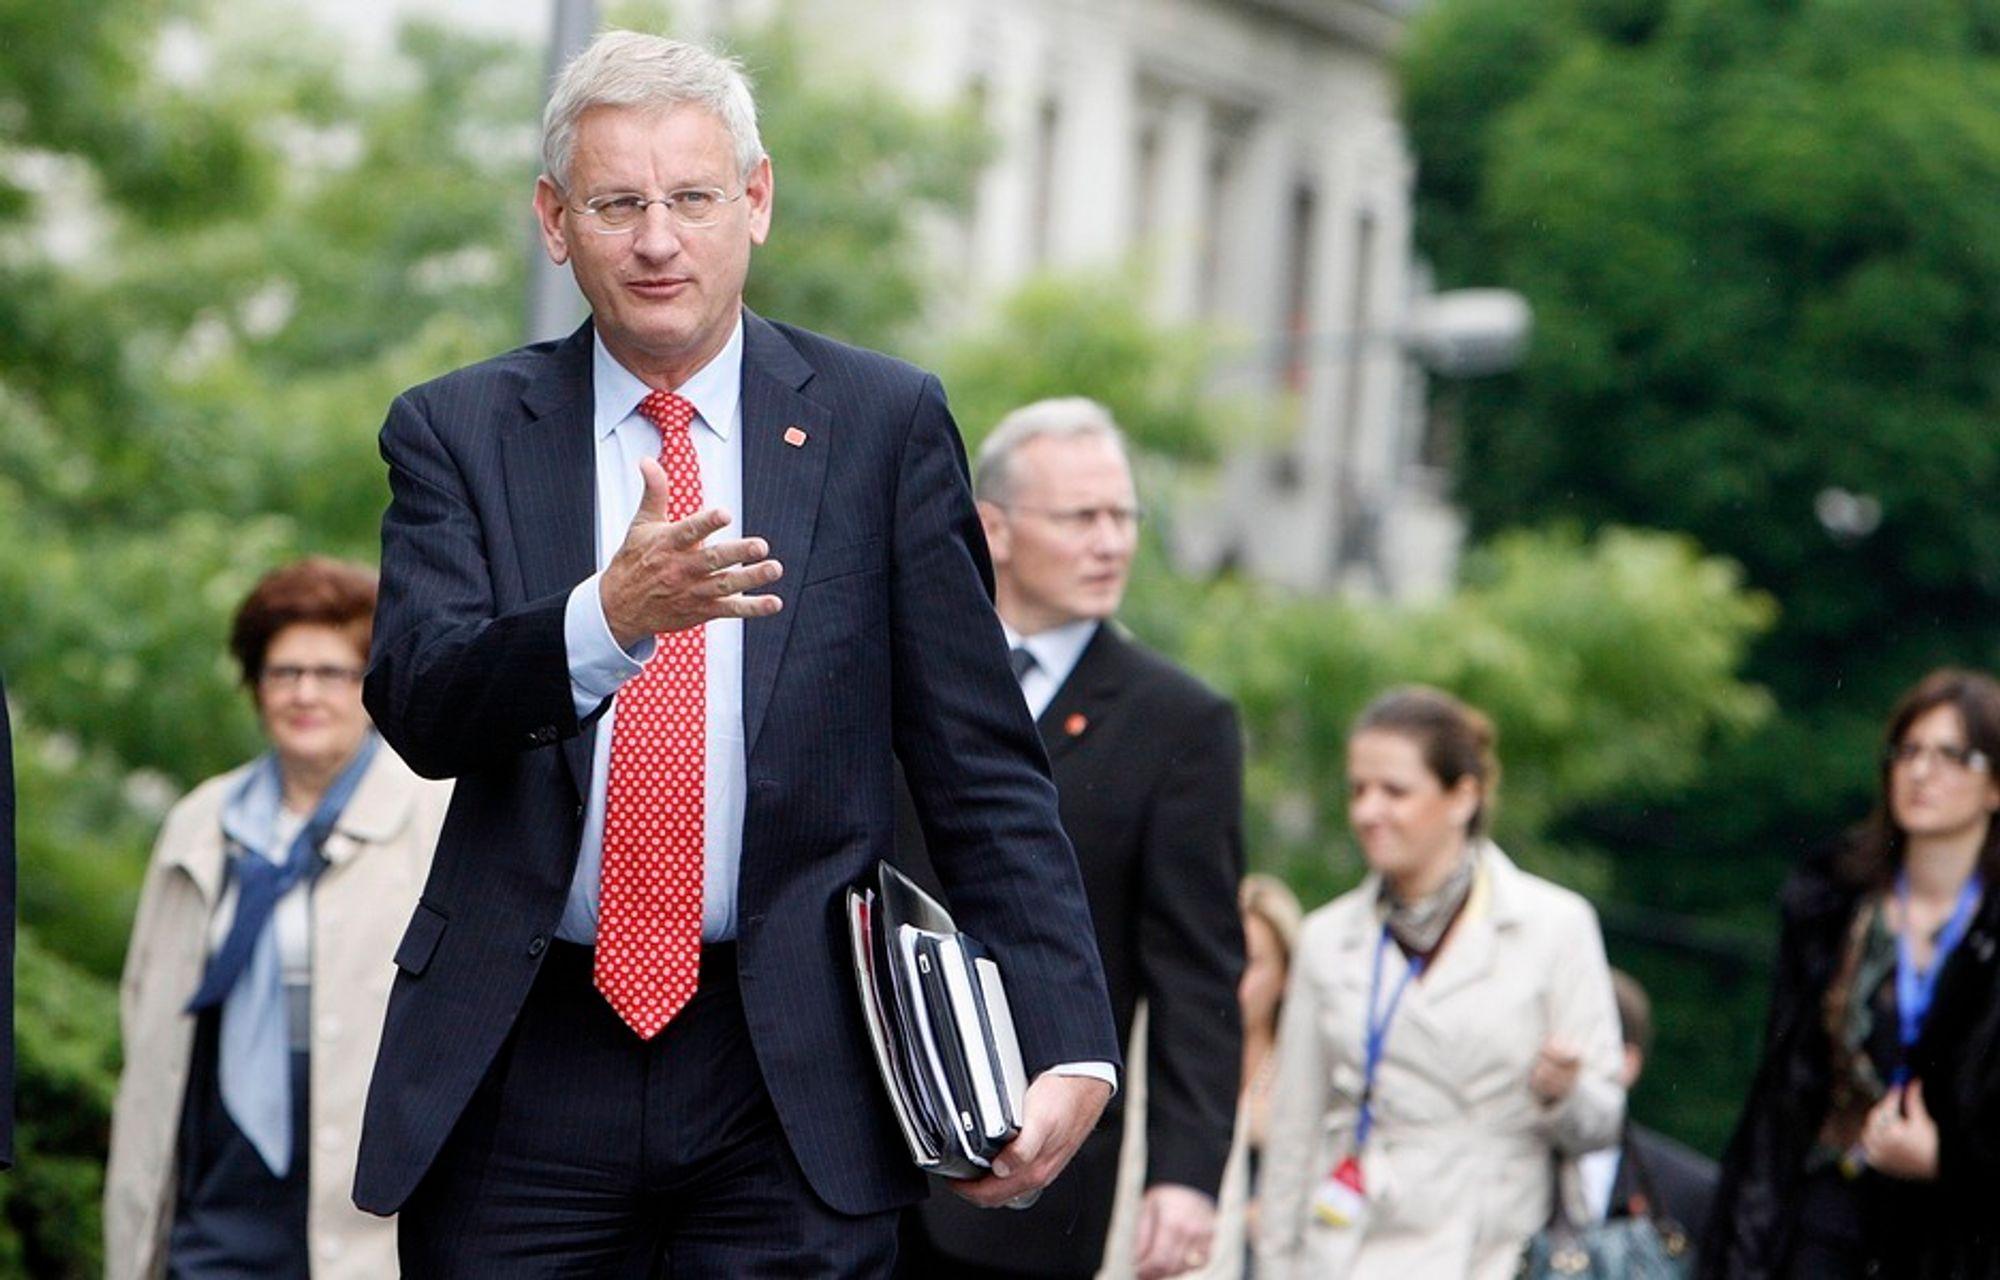 I SØKELYSET: Sveriges utenriksminister Carl Bildt (bildet) satt tidligere i styret for Lundin Petroleum, som anklages for brudd på folkeretten i Sudan.